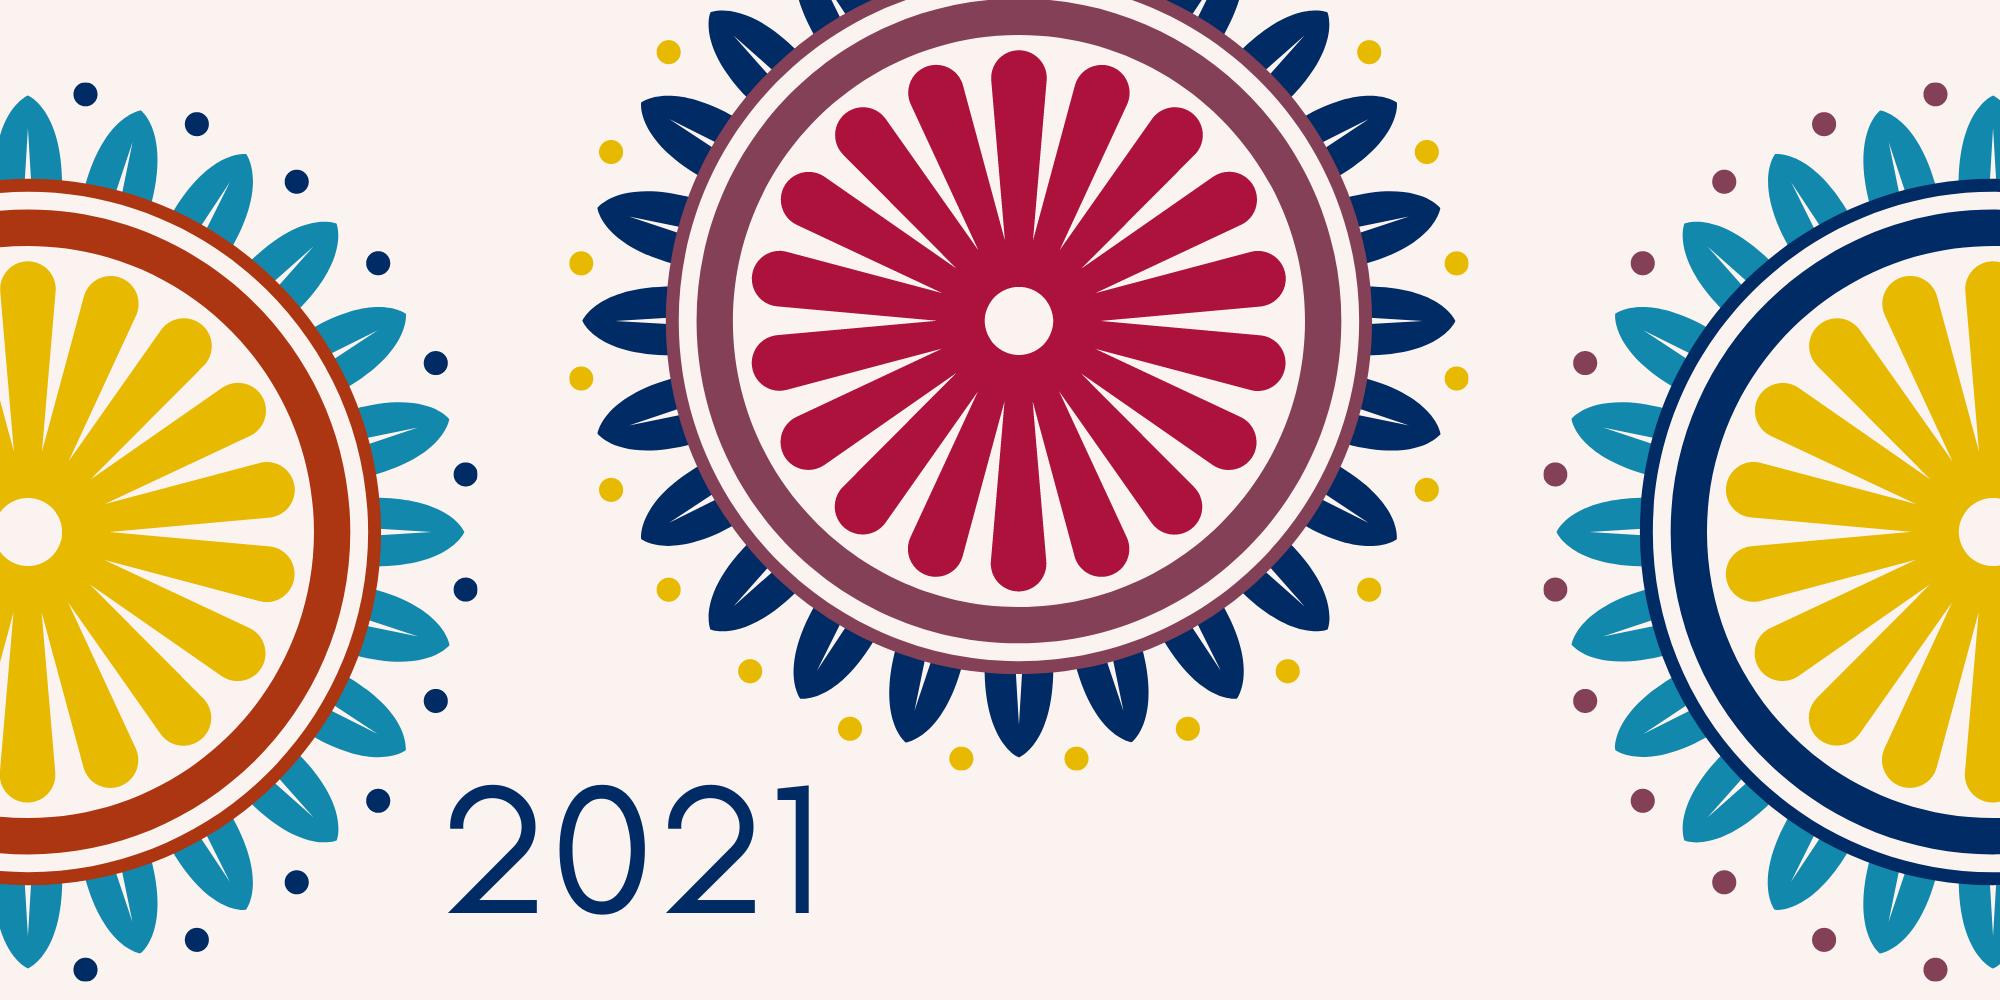 2021 qualifiers (2000 x 1000 px)